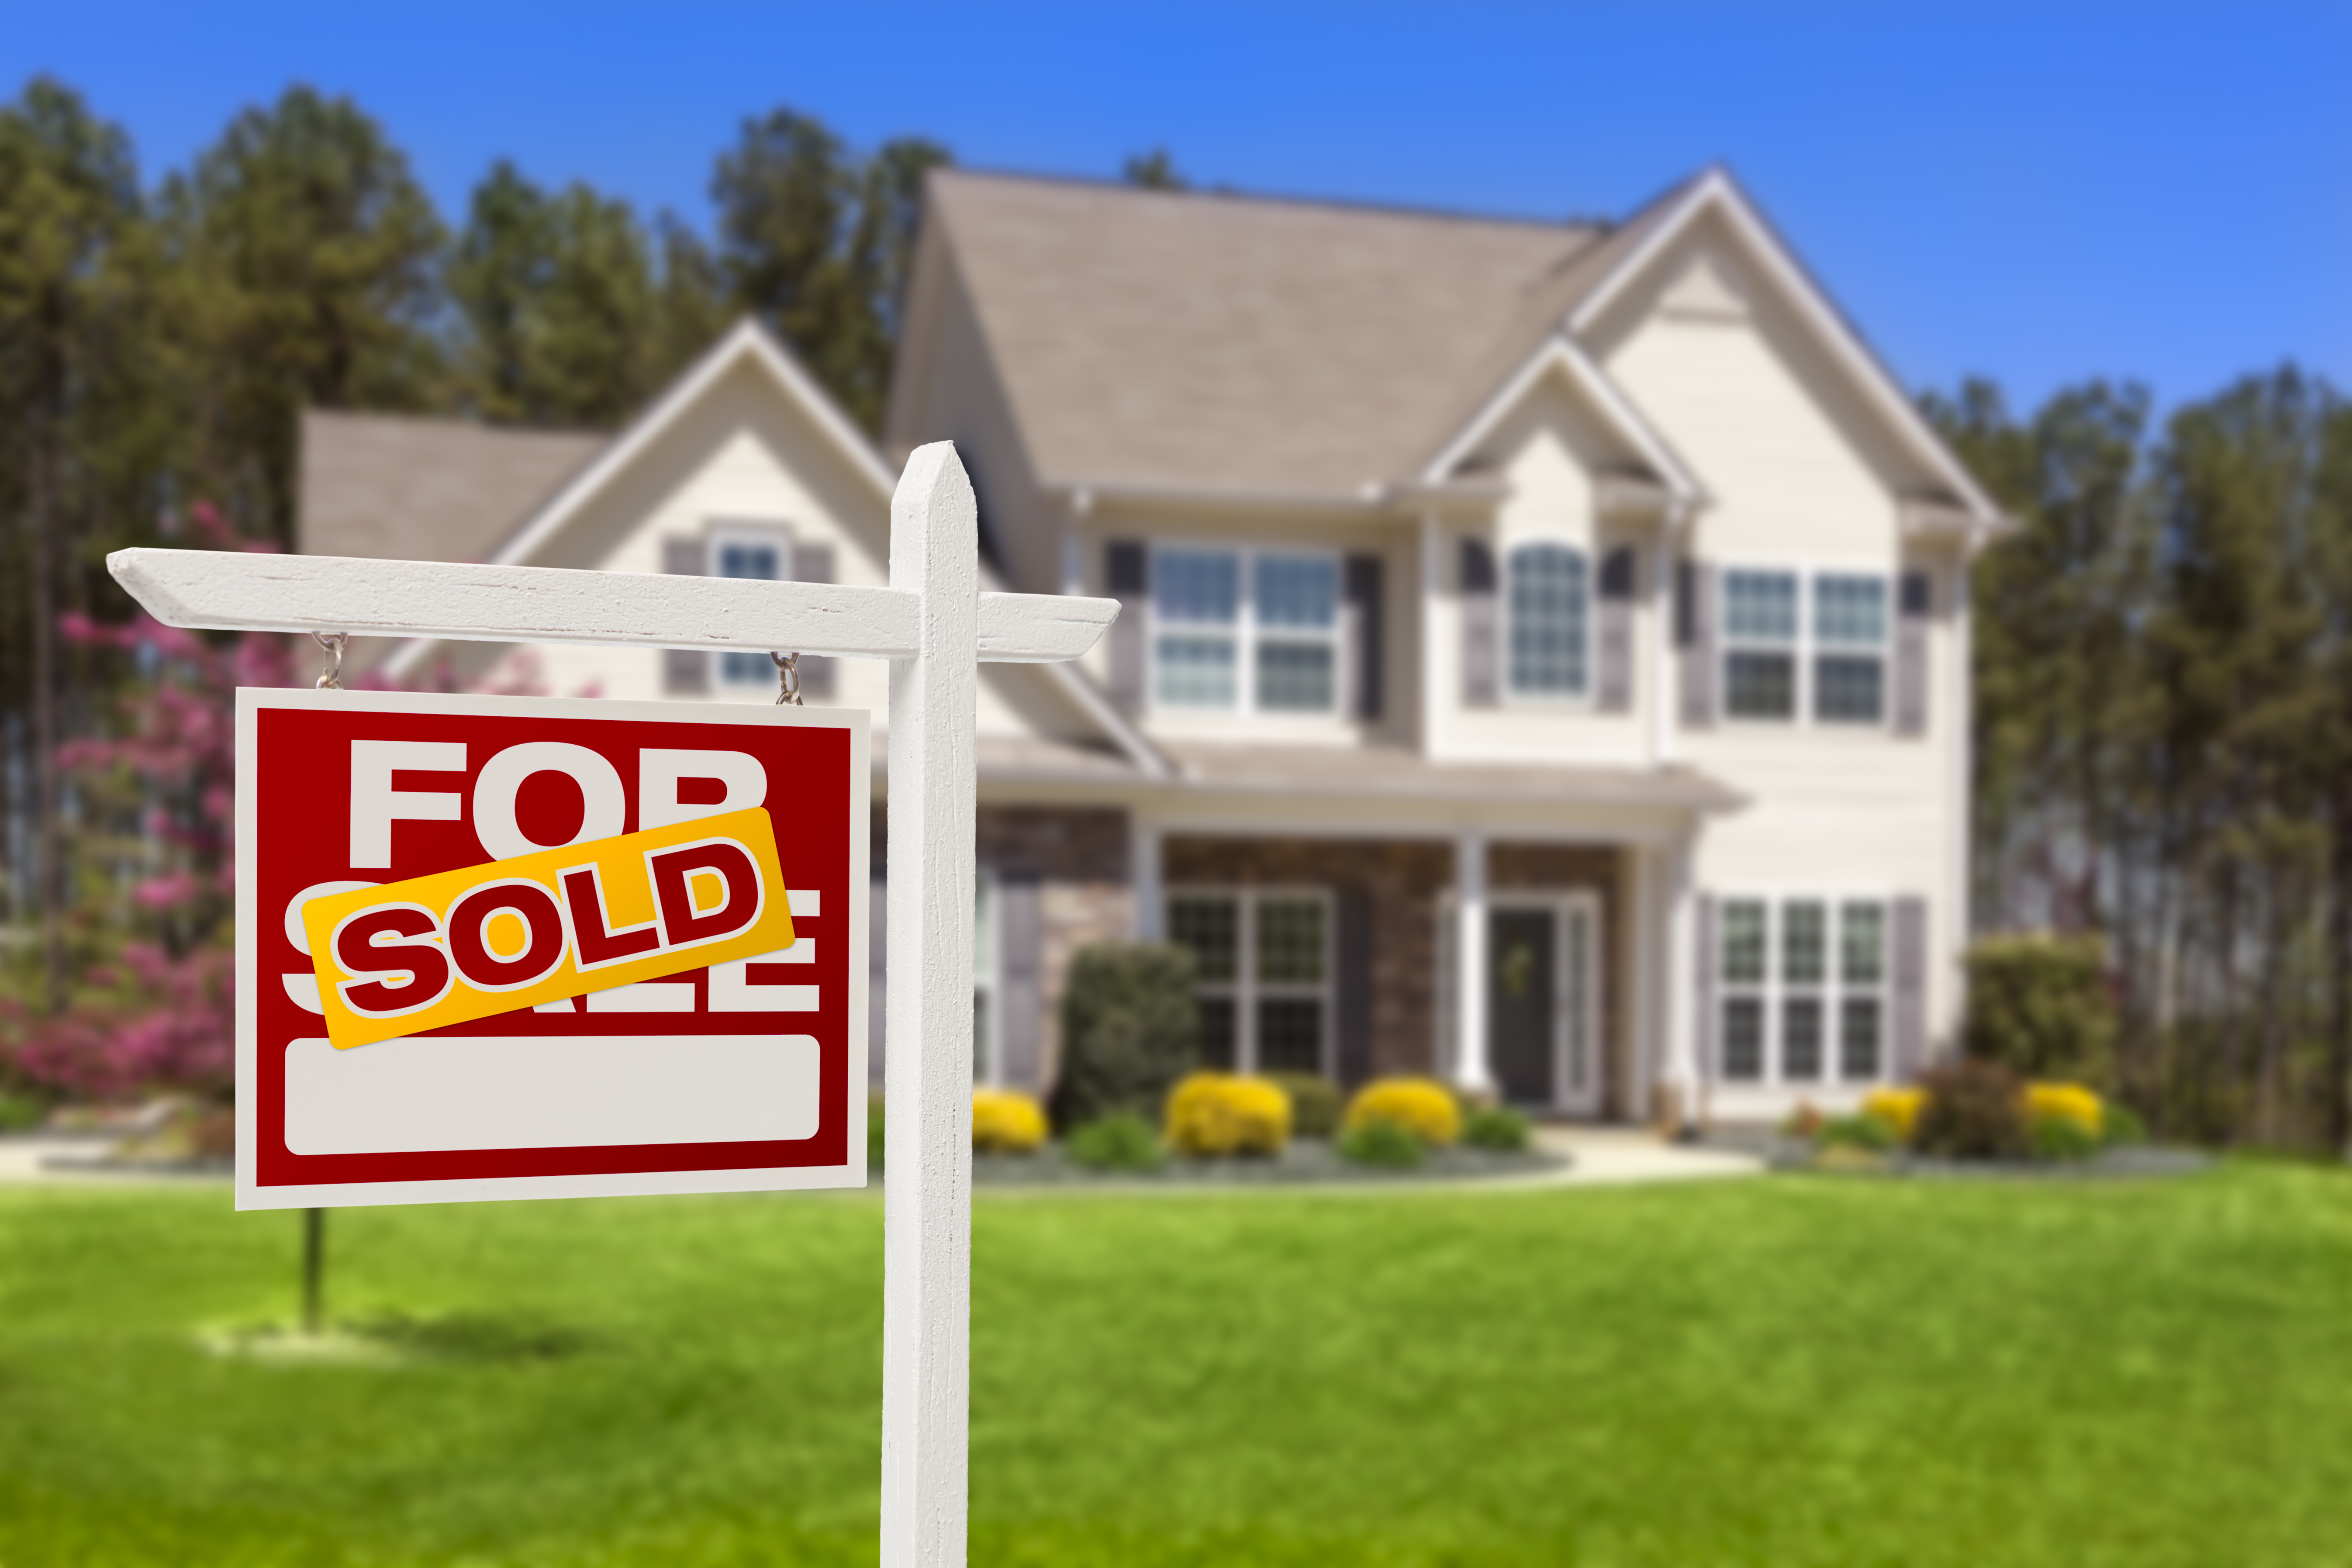 Homes For Sale in Heber City, Utah